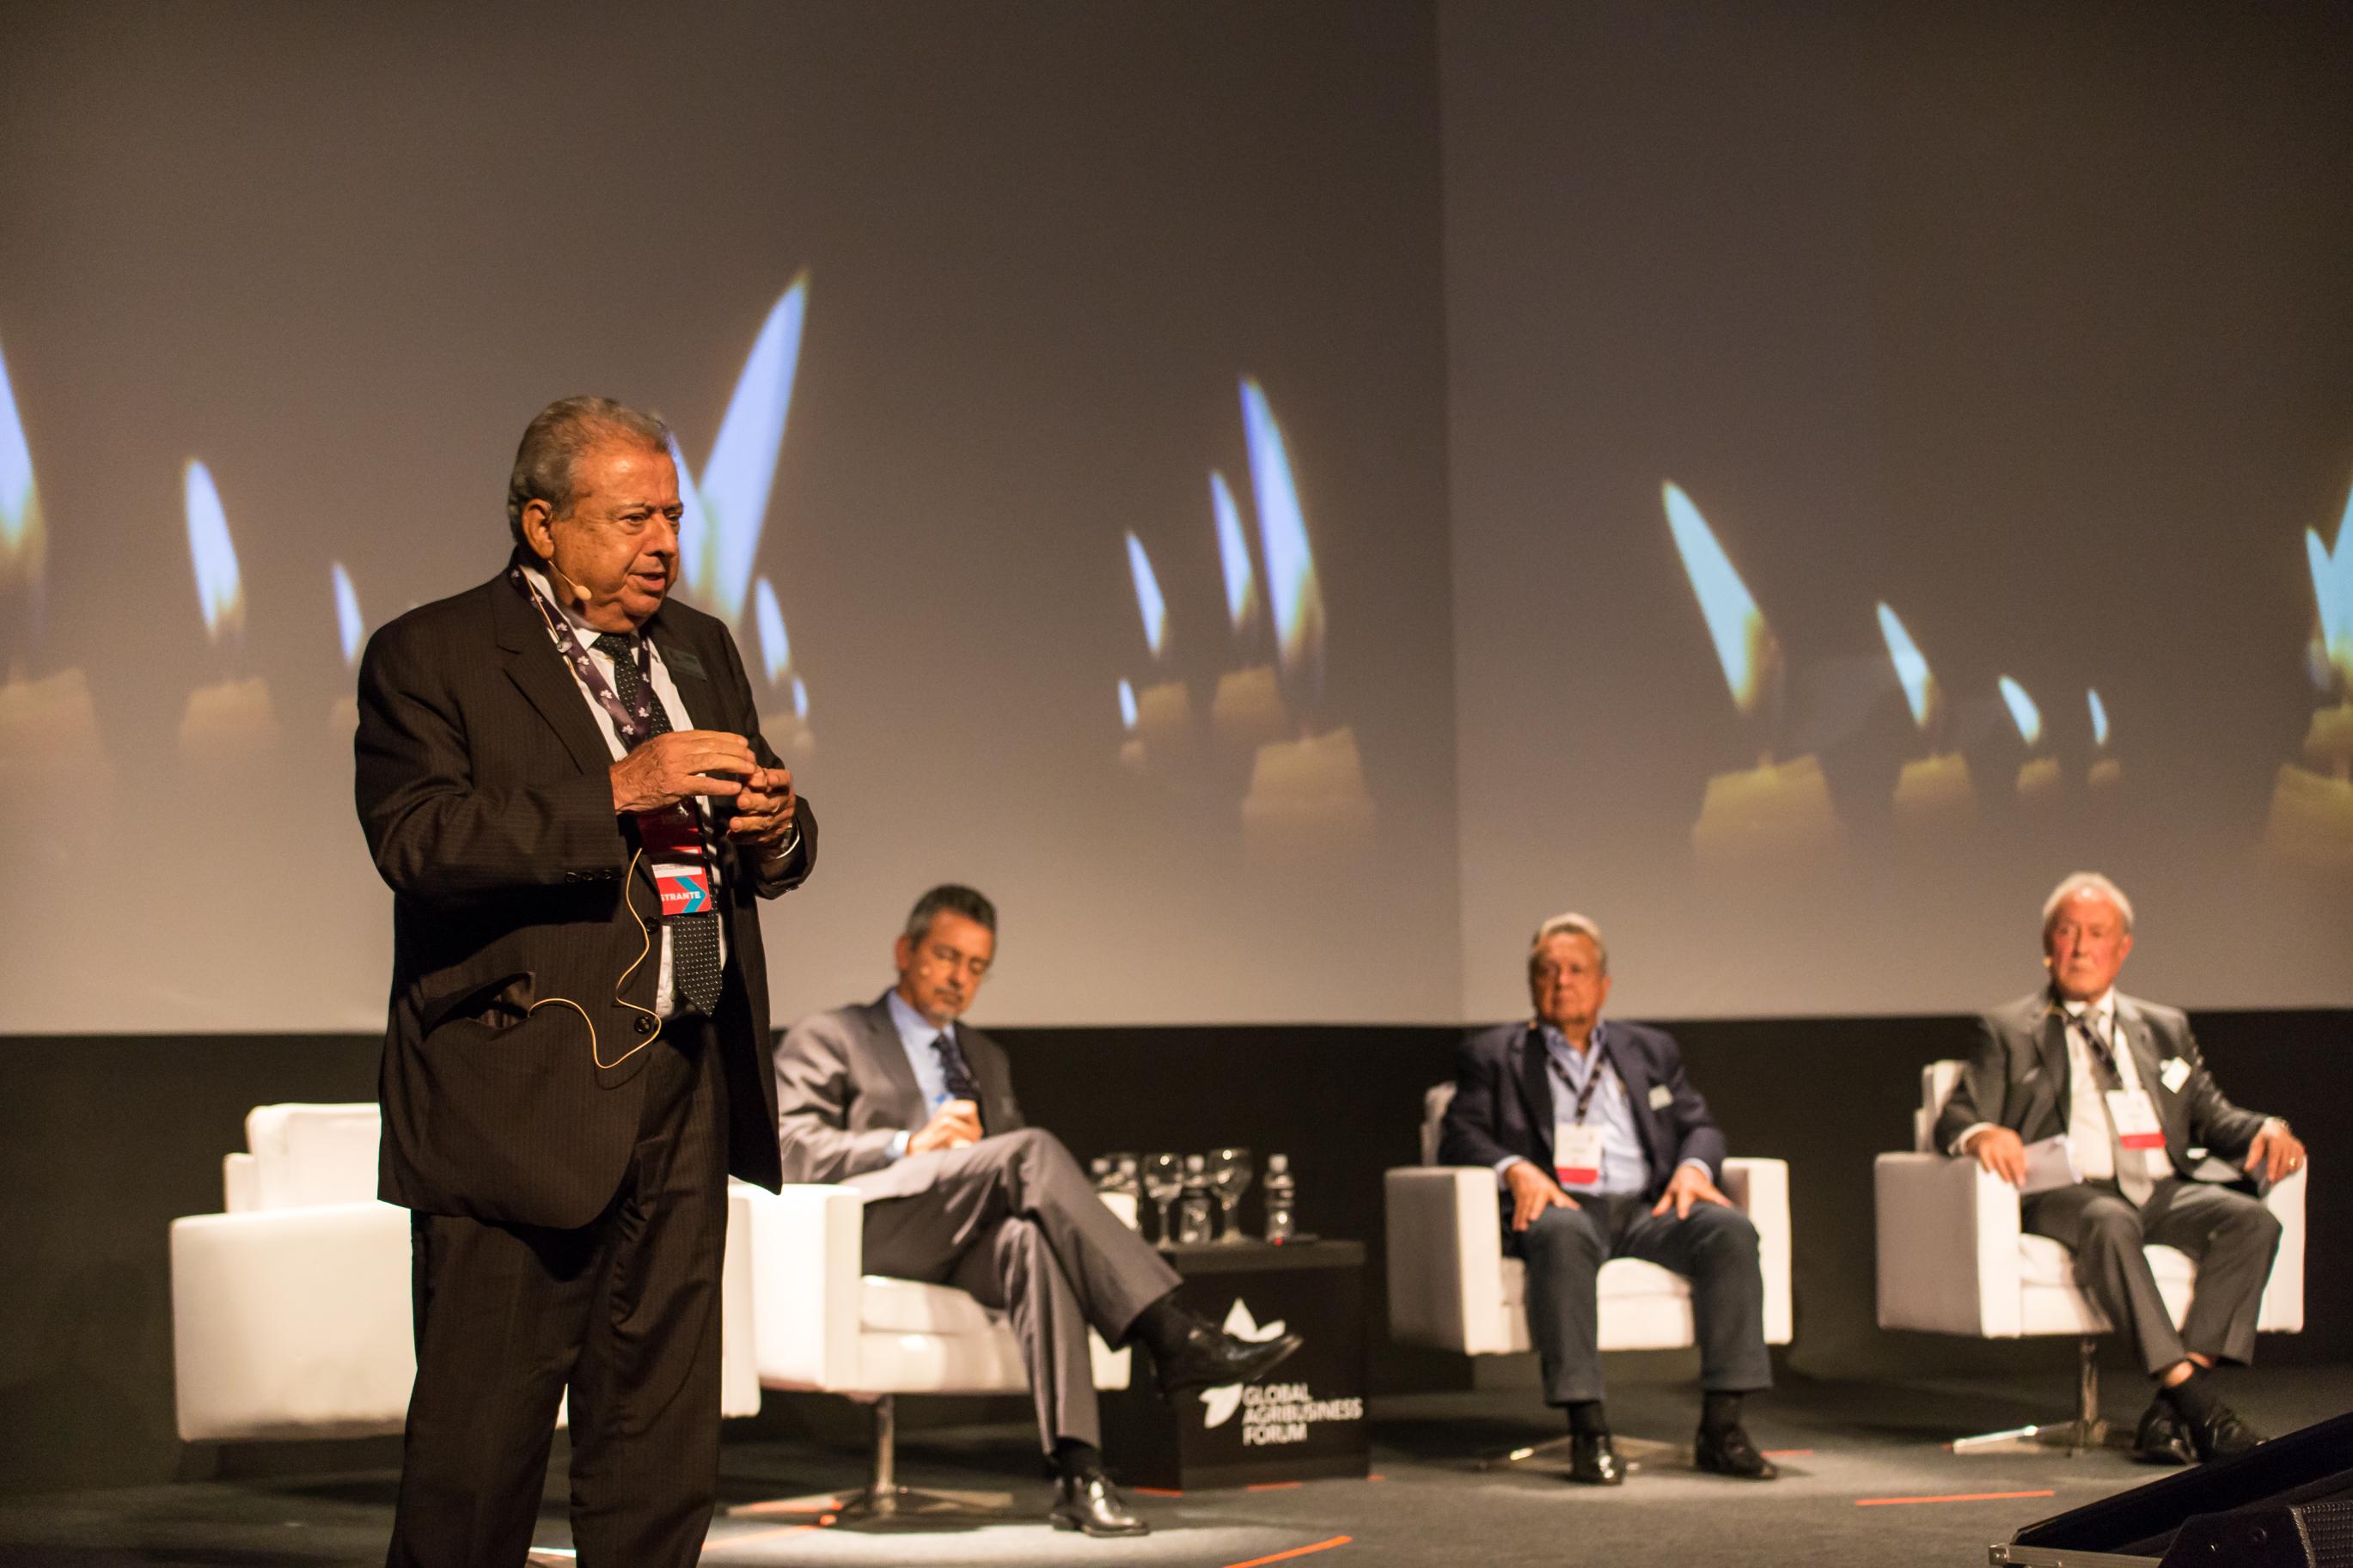 O presidente da Abramilho, Allysson Paolienlli participou junto de outros ex-ministros de um painel sobre o futuro da agricultura